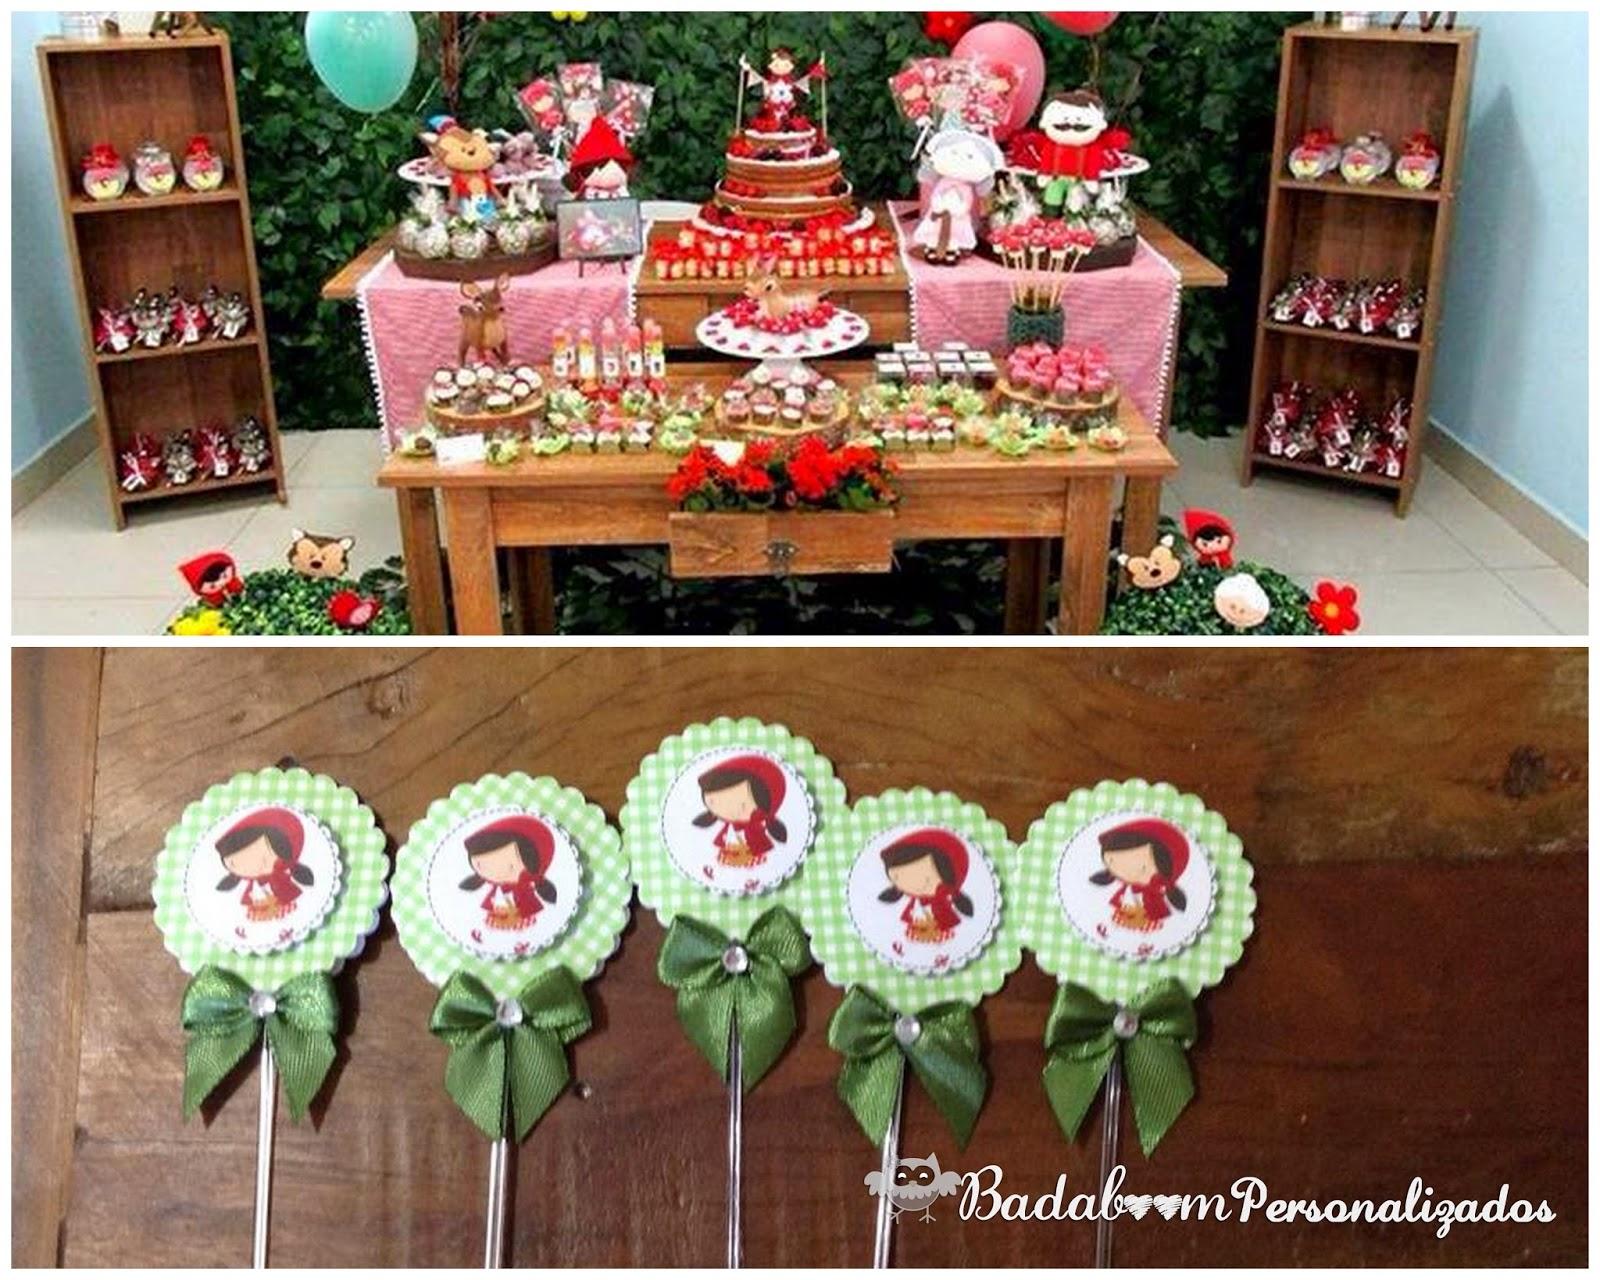 Festa, infantil decoração, personalizados, chapeuzinho vermelho